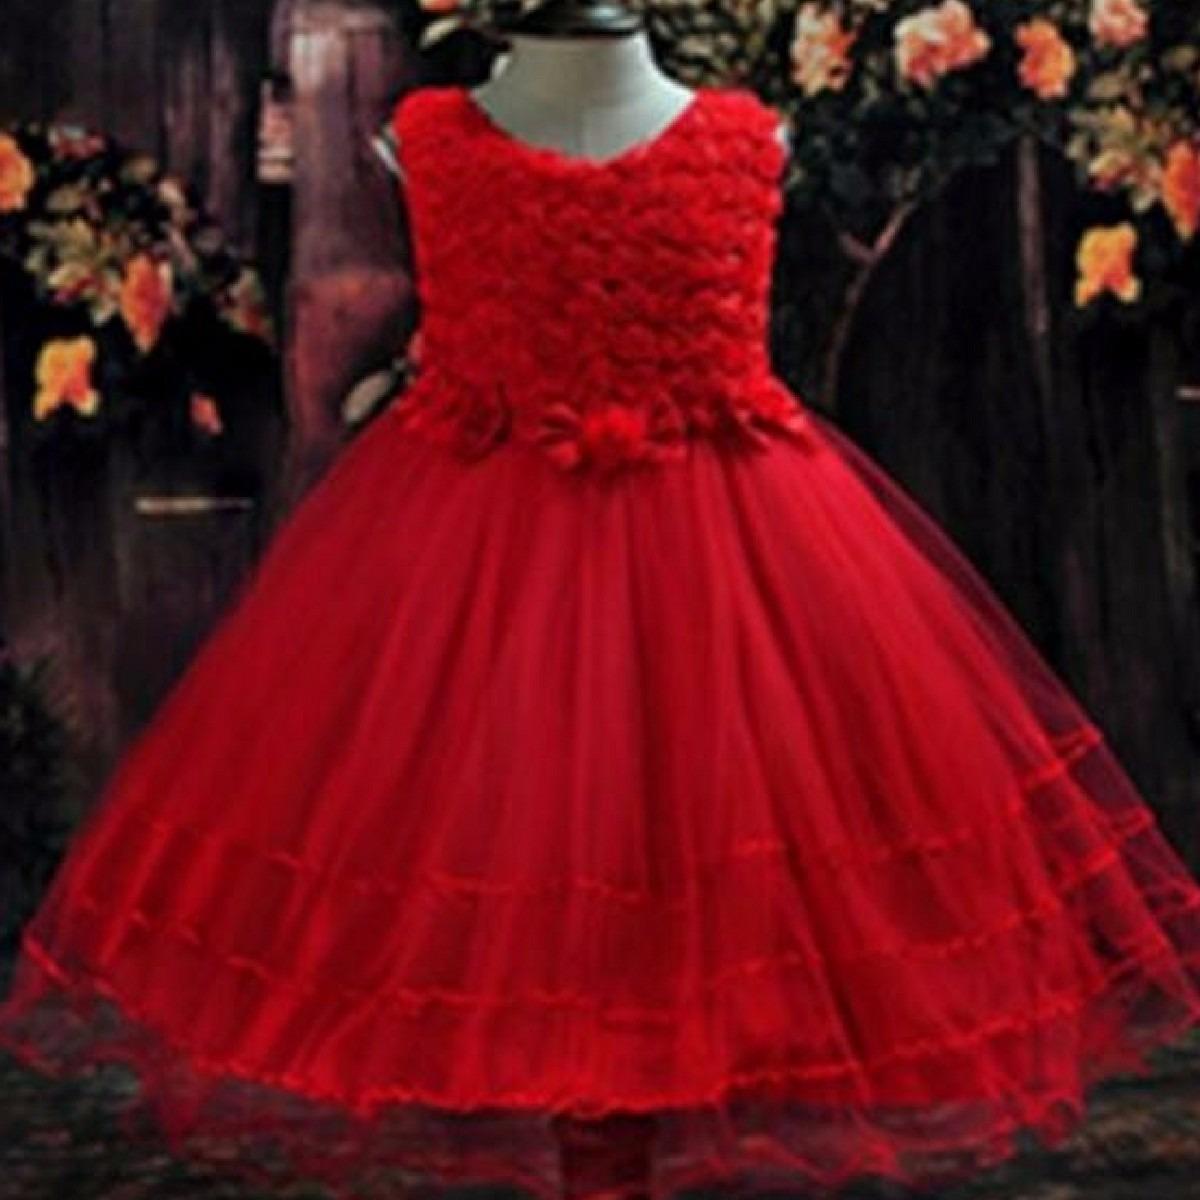 fb569e9998 Vestido Infantil Baile Aniversário Pronta Entreg Princesa 04 - R  65 ...